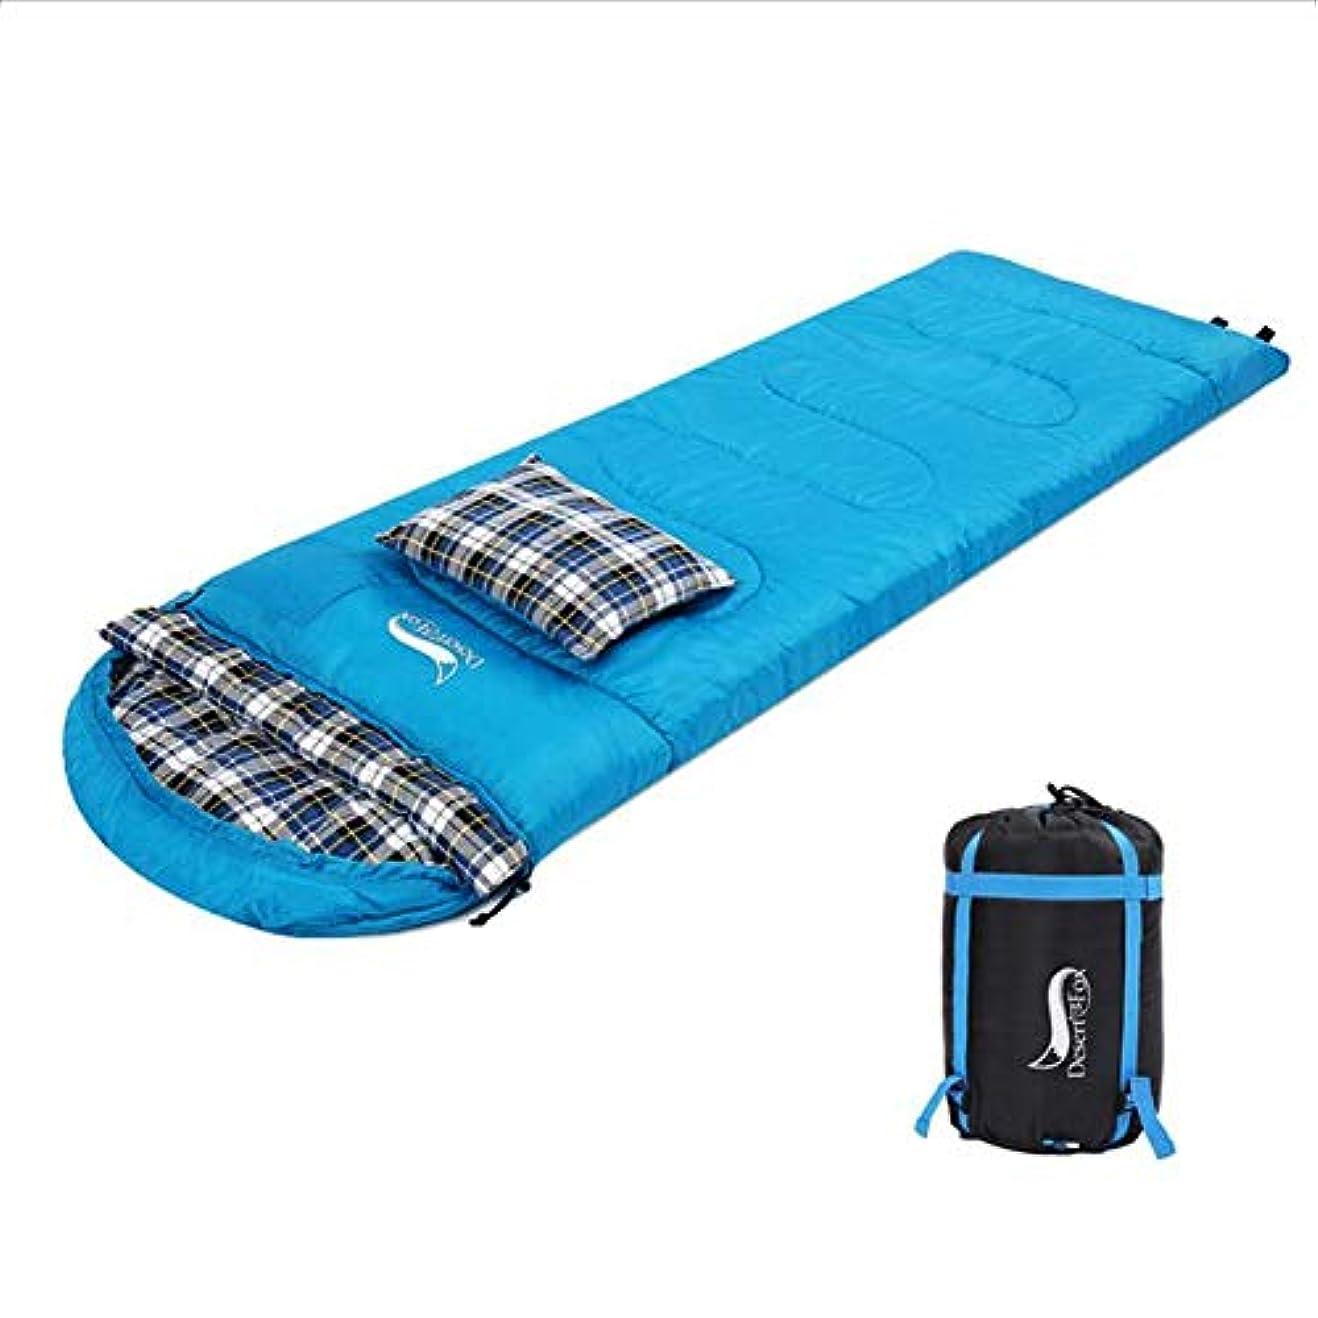 ブレイズ触手ミキサーLGFV-バックパックフェスティバルハイキングのための枕と3シーズンの暖かく涼しい天気のコットンフランネル寝袋